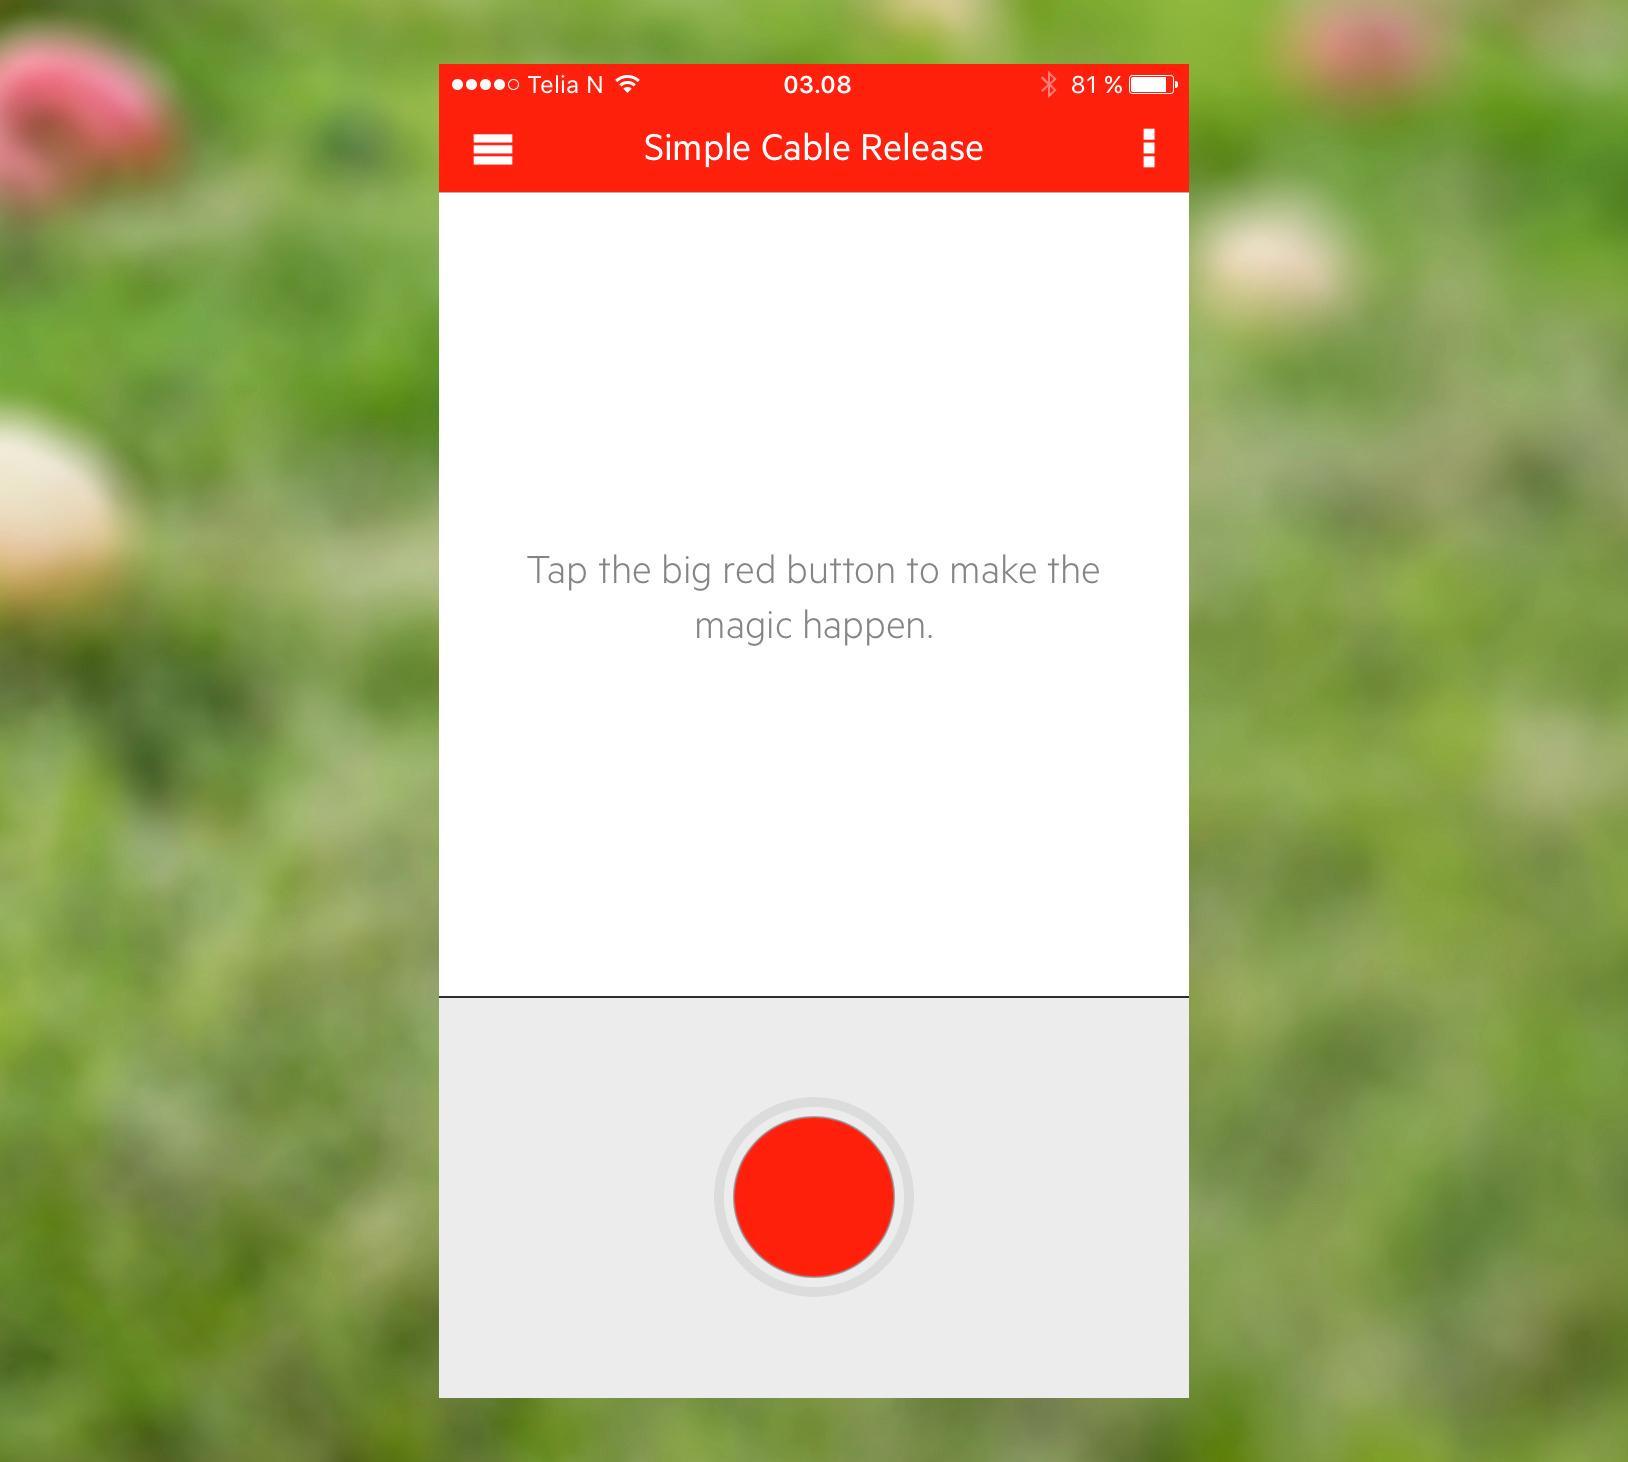 Det finnes en mengde tilbehør for iPhone som bruker minijack-tilkoblingen som iPhone 7 i utgangspunktet ikke har. Vi har ikke fått testet selve tilbehøret, men lydsignalene overgangen gir fra seg høres ut til å være de samme som man får fra hodetelefonutgangen på en iPhone 6S. Hvis utstyret likevel ikke virker burde det la seg gjøre å tilpasse appen til den nye løsningen.